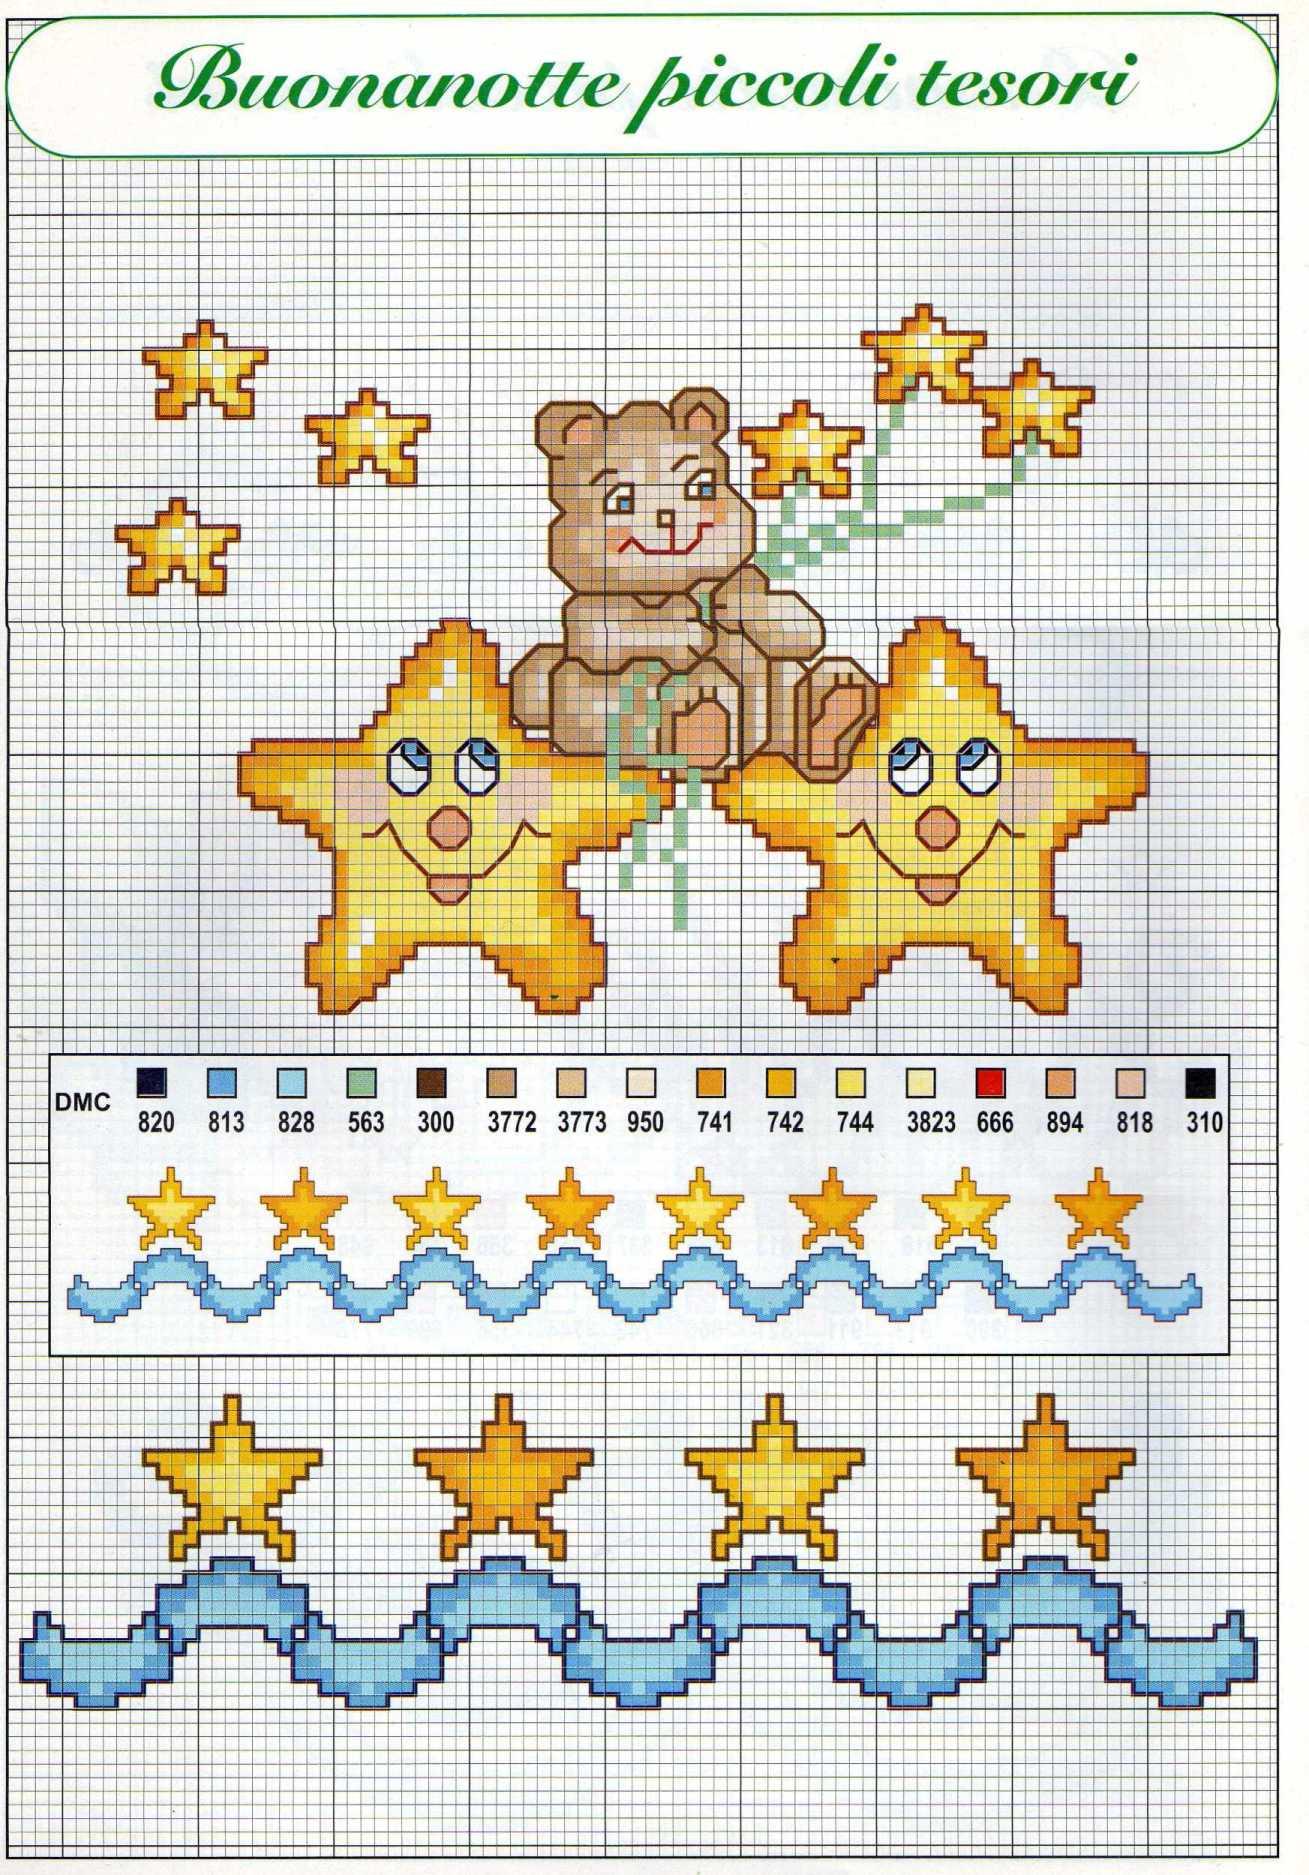 Luna e stelle schemi punto croce per bambini nascita 1 for Schemi a punto croce per bambini